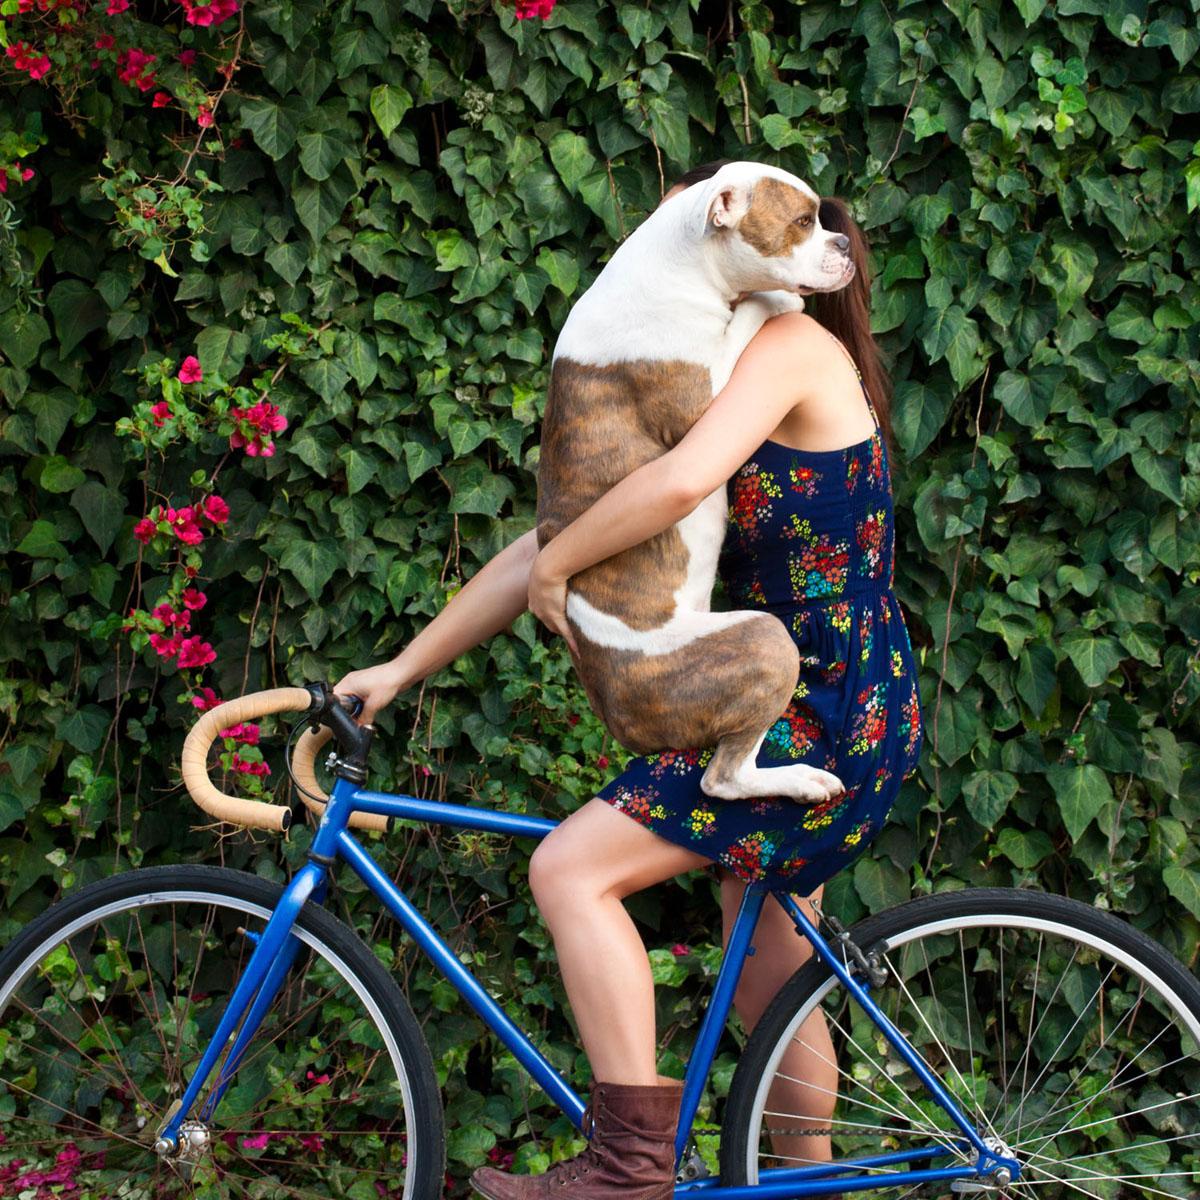 Puka on a bike